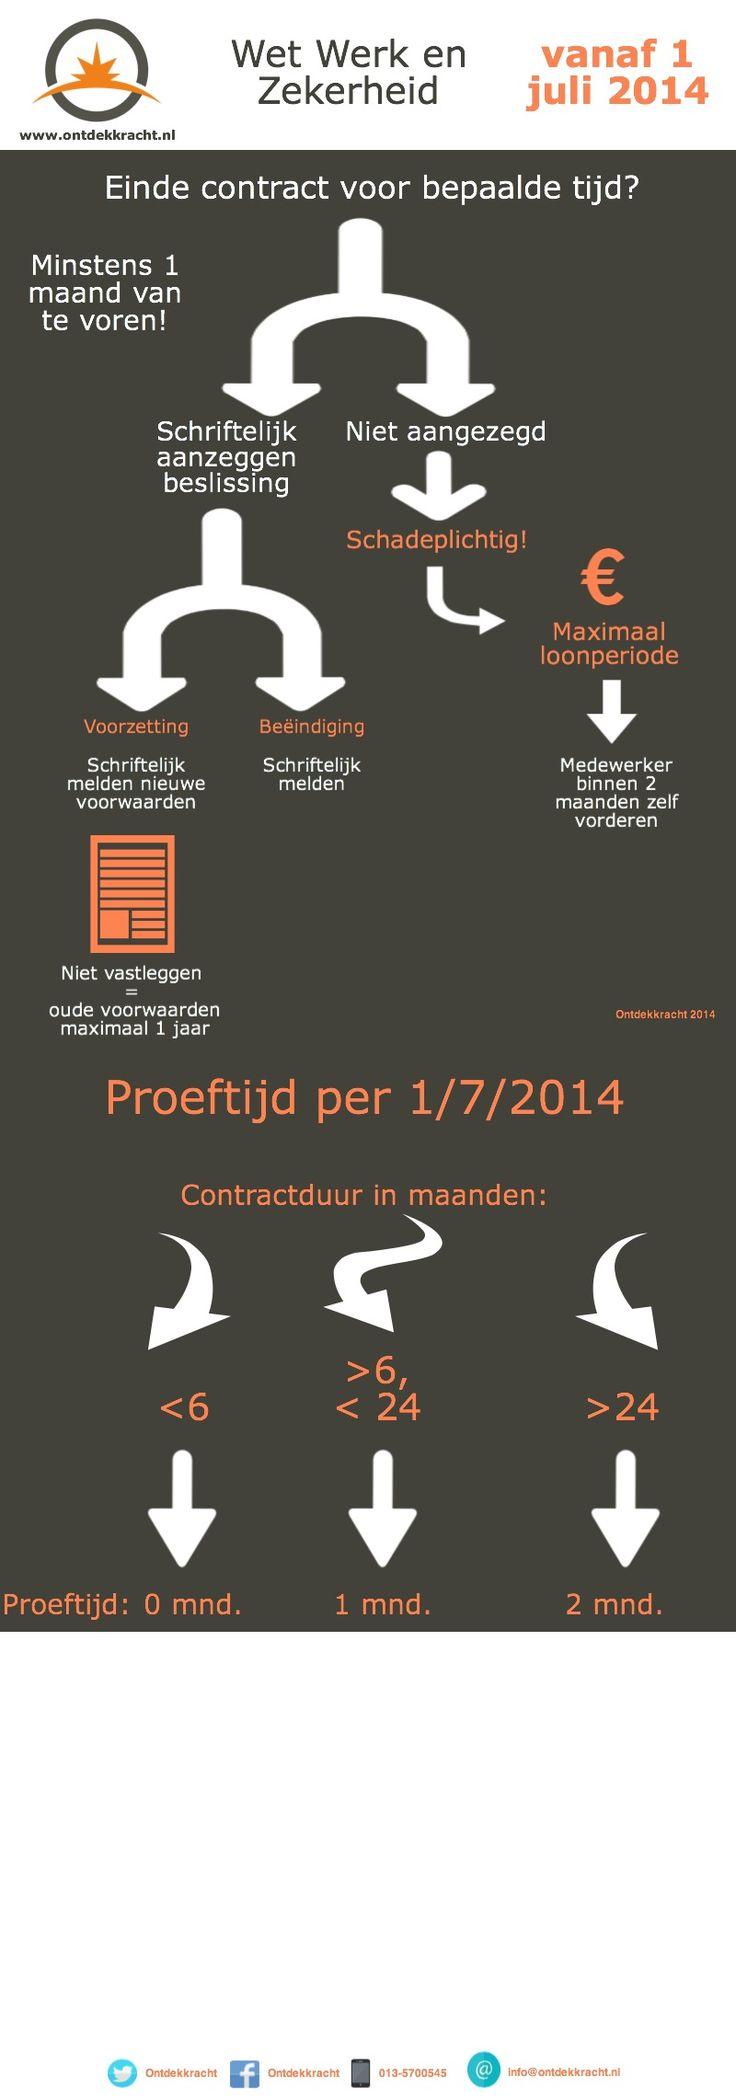 Wet Werk en Zekerheid 2014